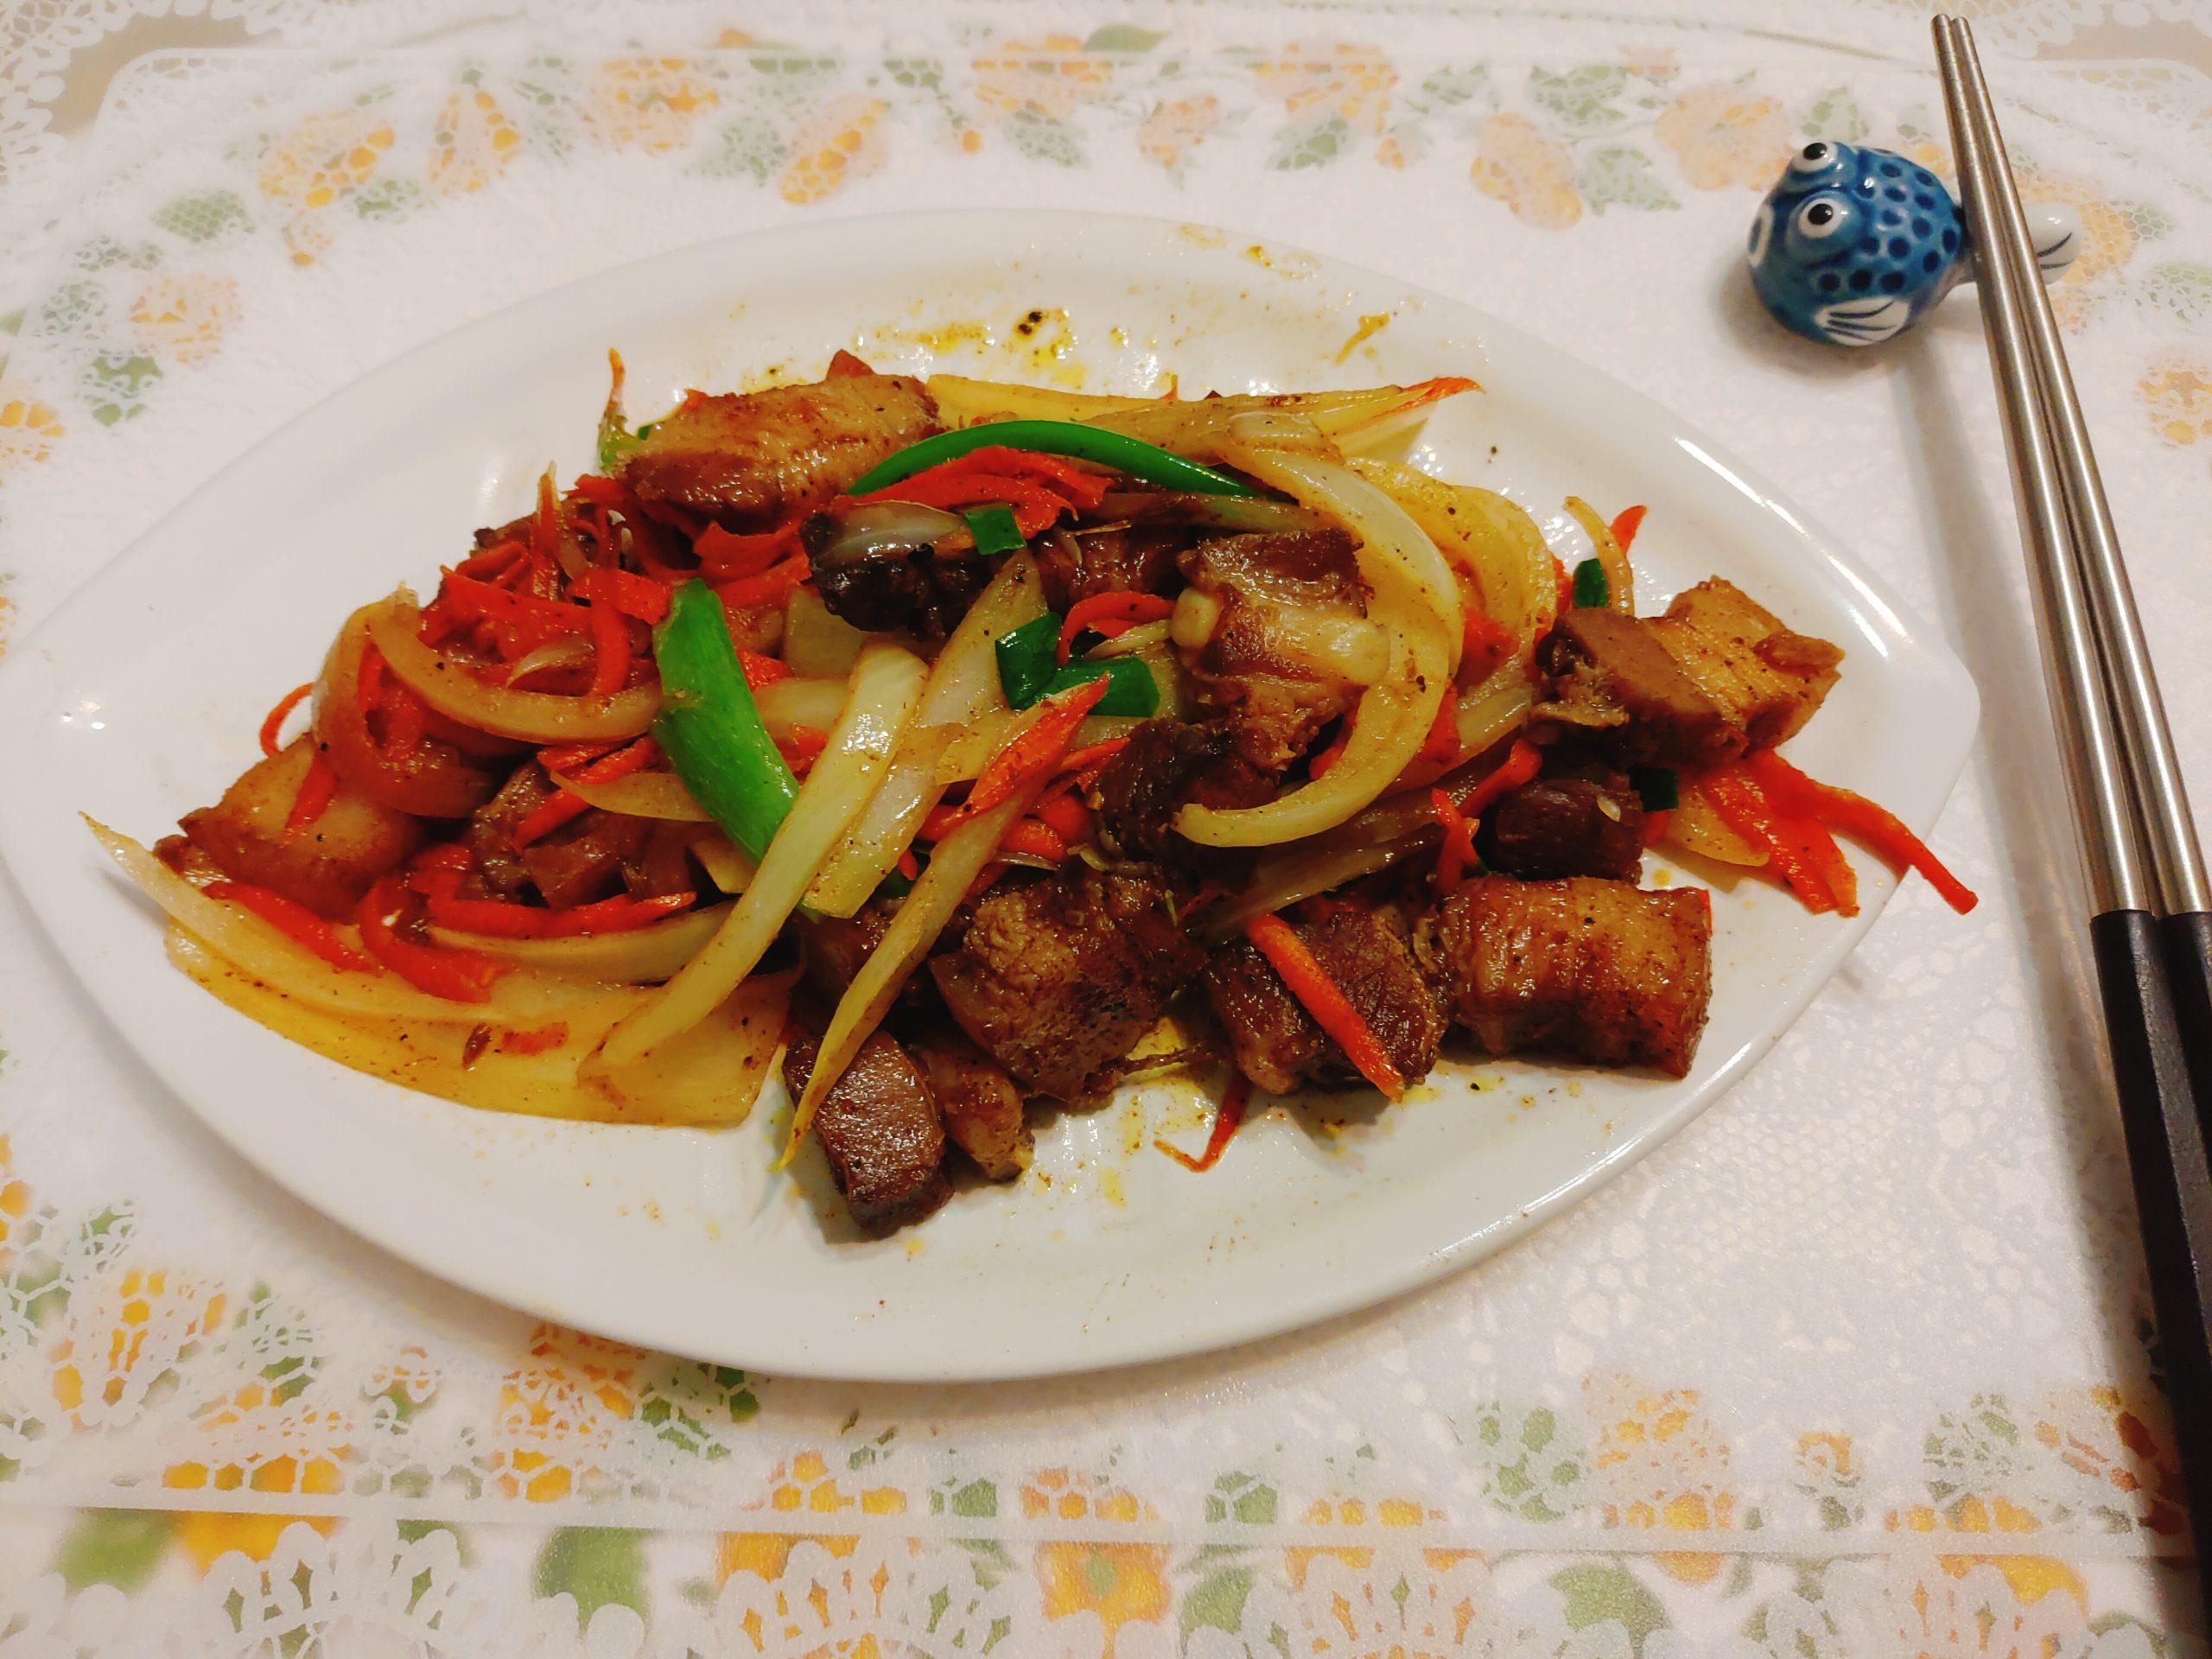 【食譜】炒鹹豬肉|炒起來簡單又健康不重鹹